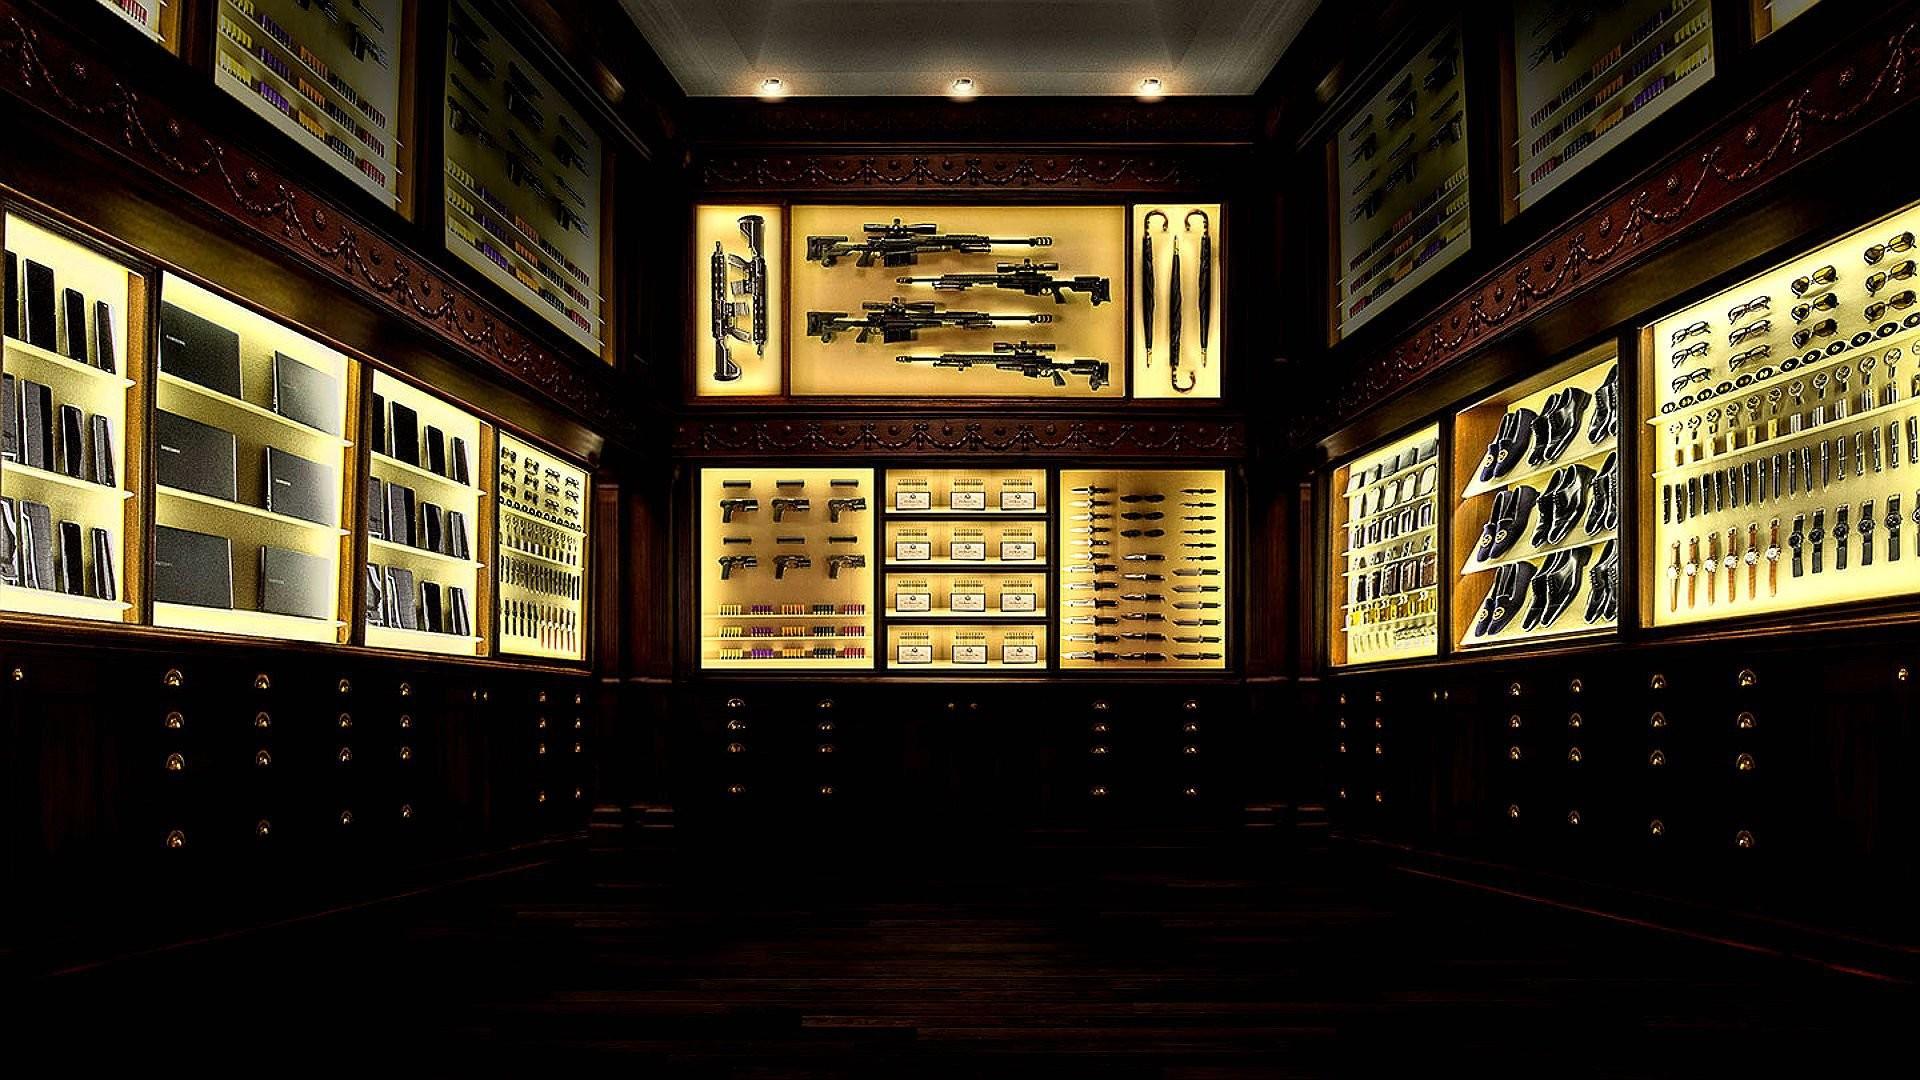 Res: 1920x1080, Movie - Kingsman: The Secret Service Wallpaper